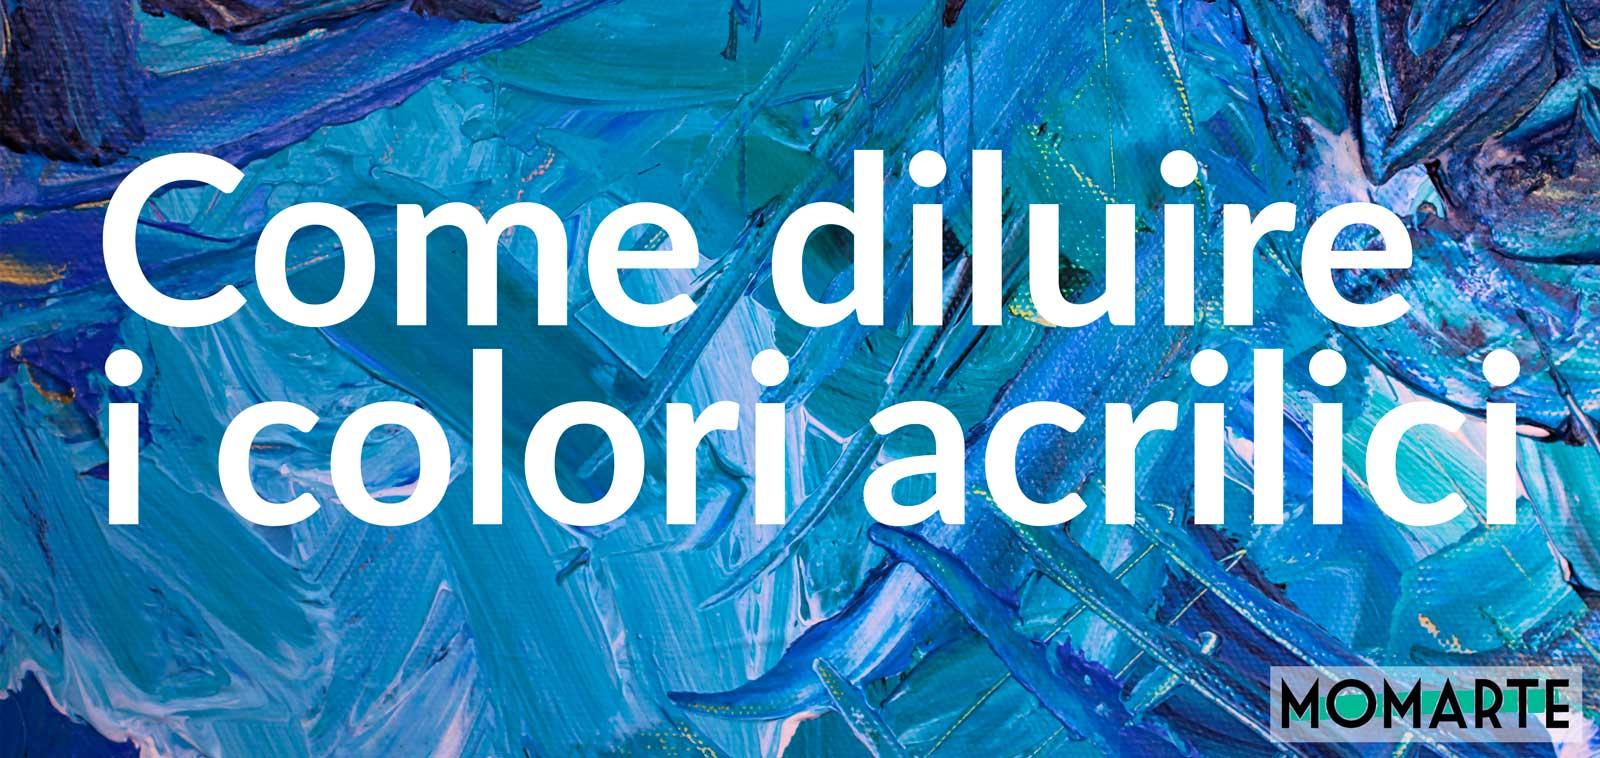 Quando Usare Il Fissativo diluire i colori acrilici: come, quando e perché farlo - momarte